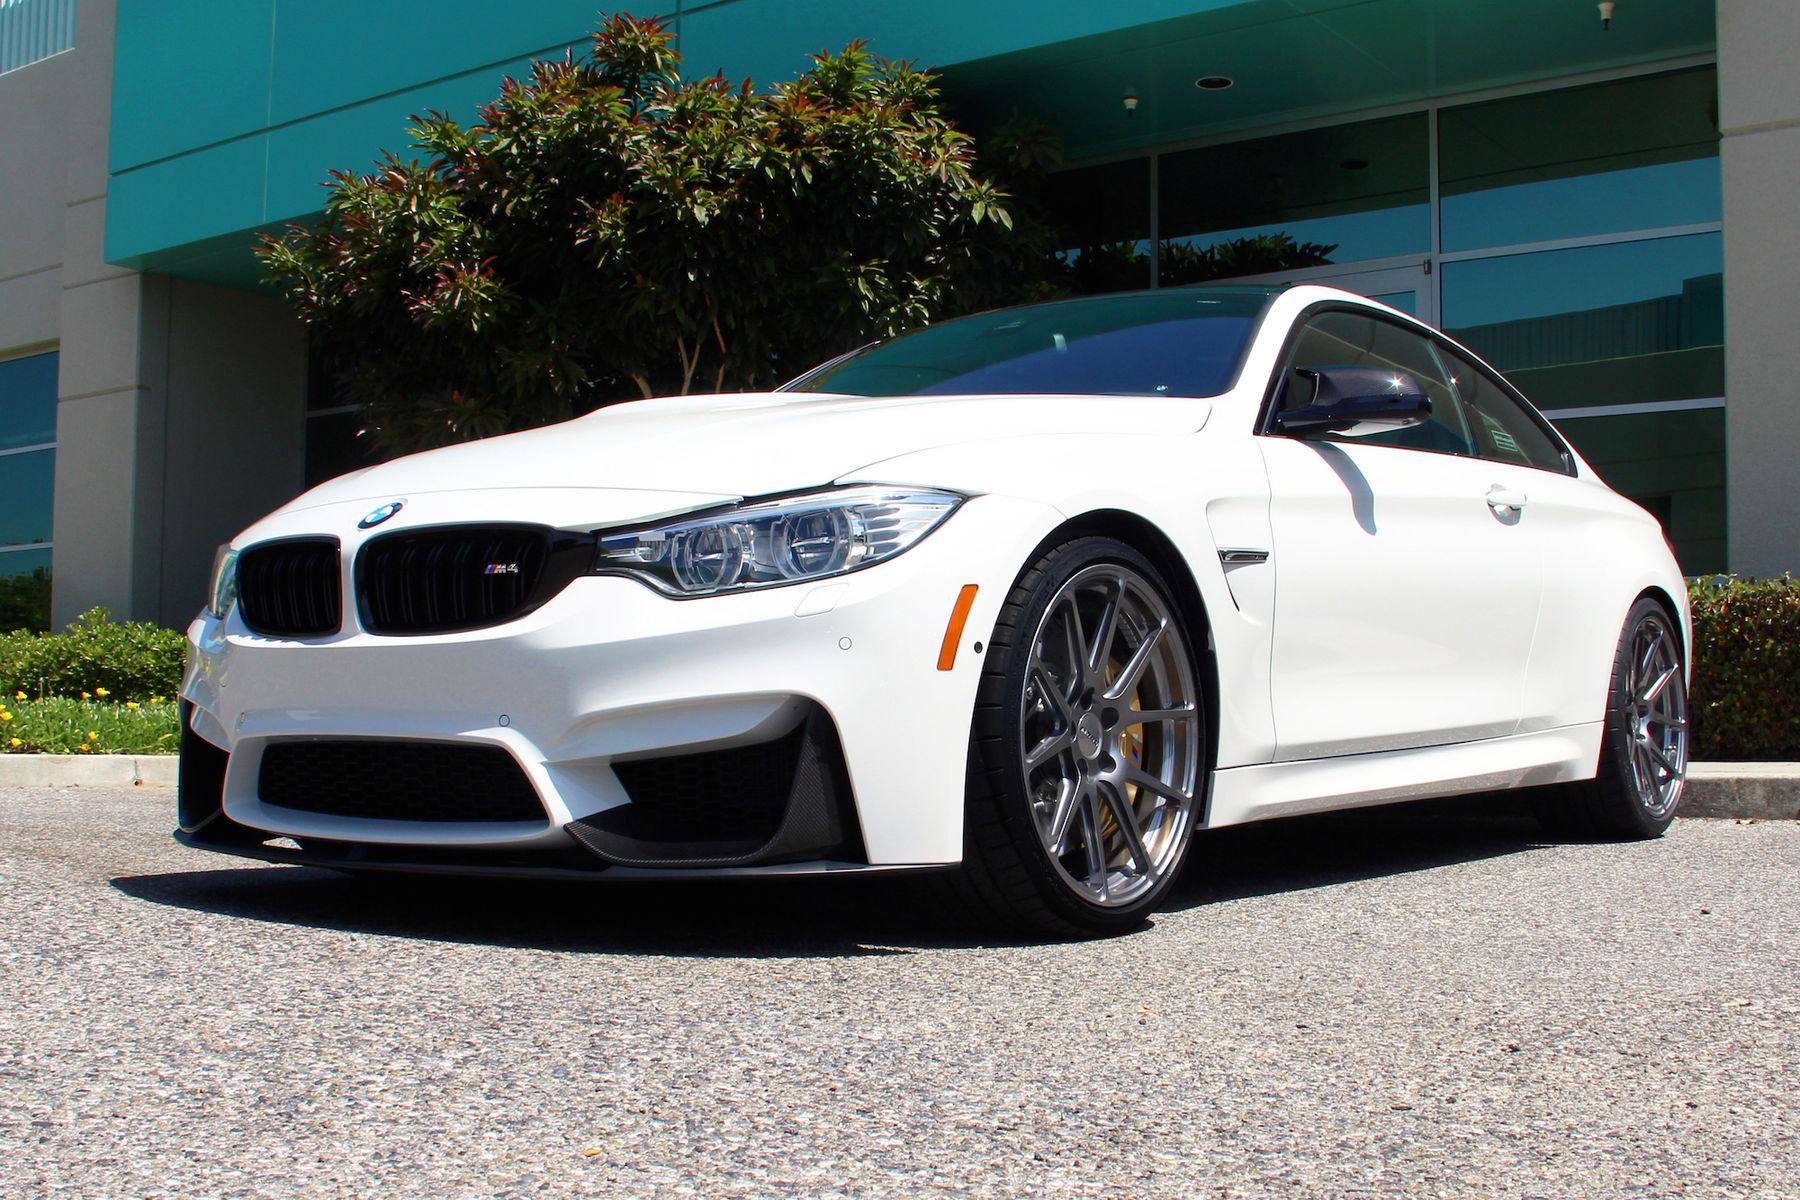 2015 BMW M4   BMW M4 2015 Car Of Your Dreams on Forgeline GA1R Wheels